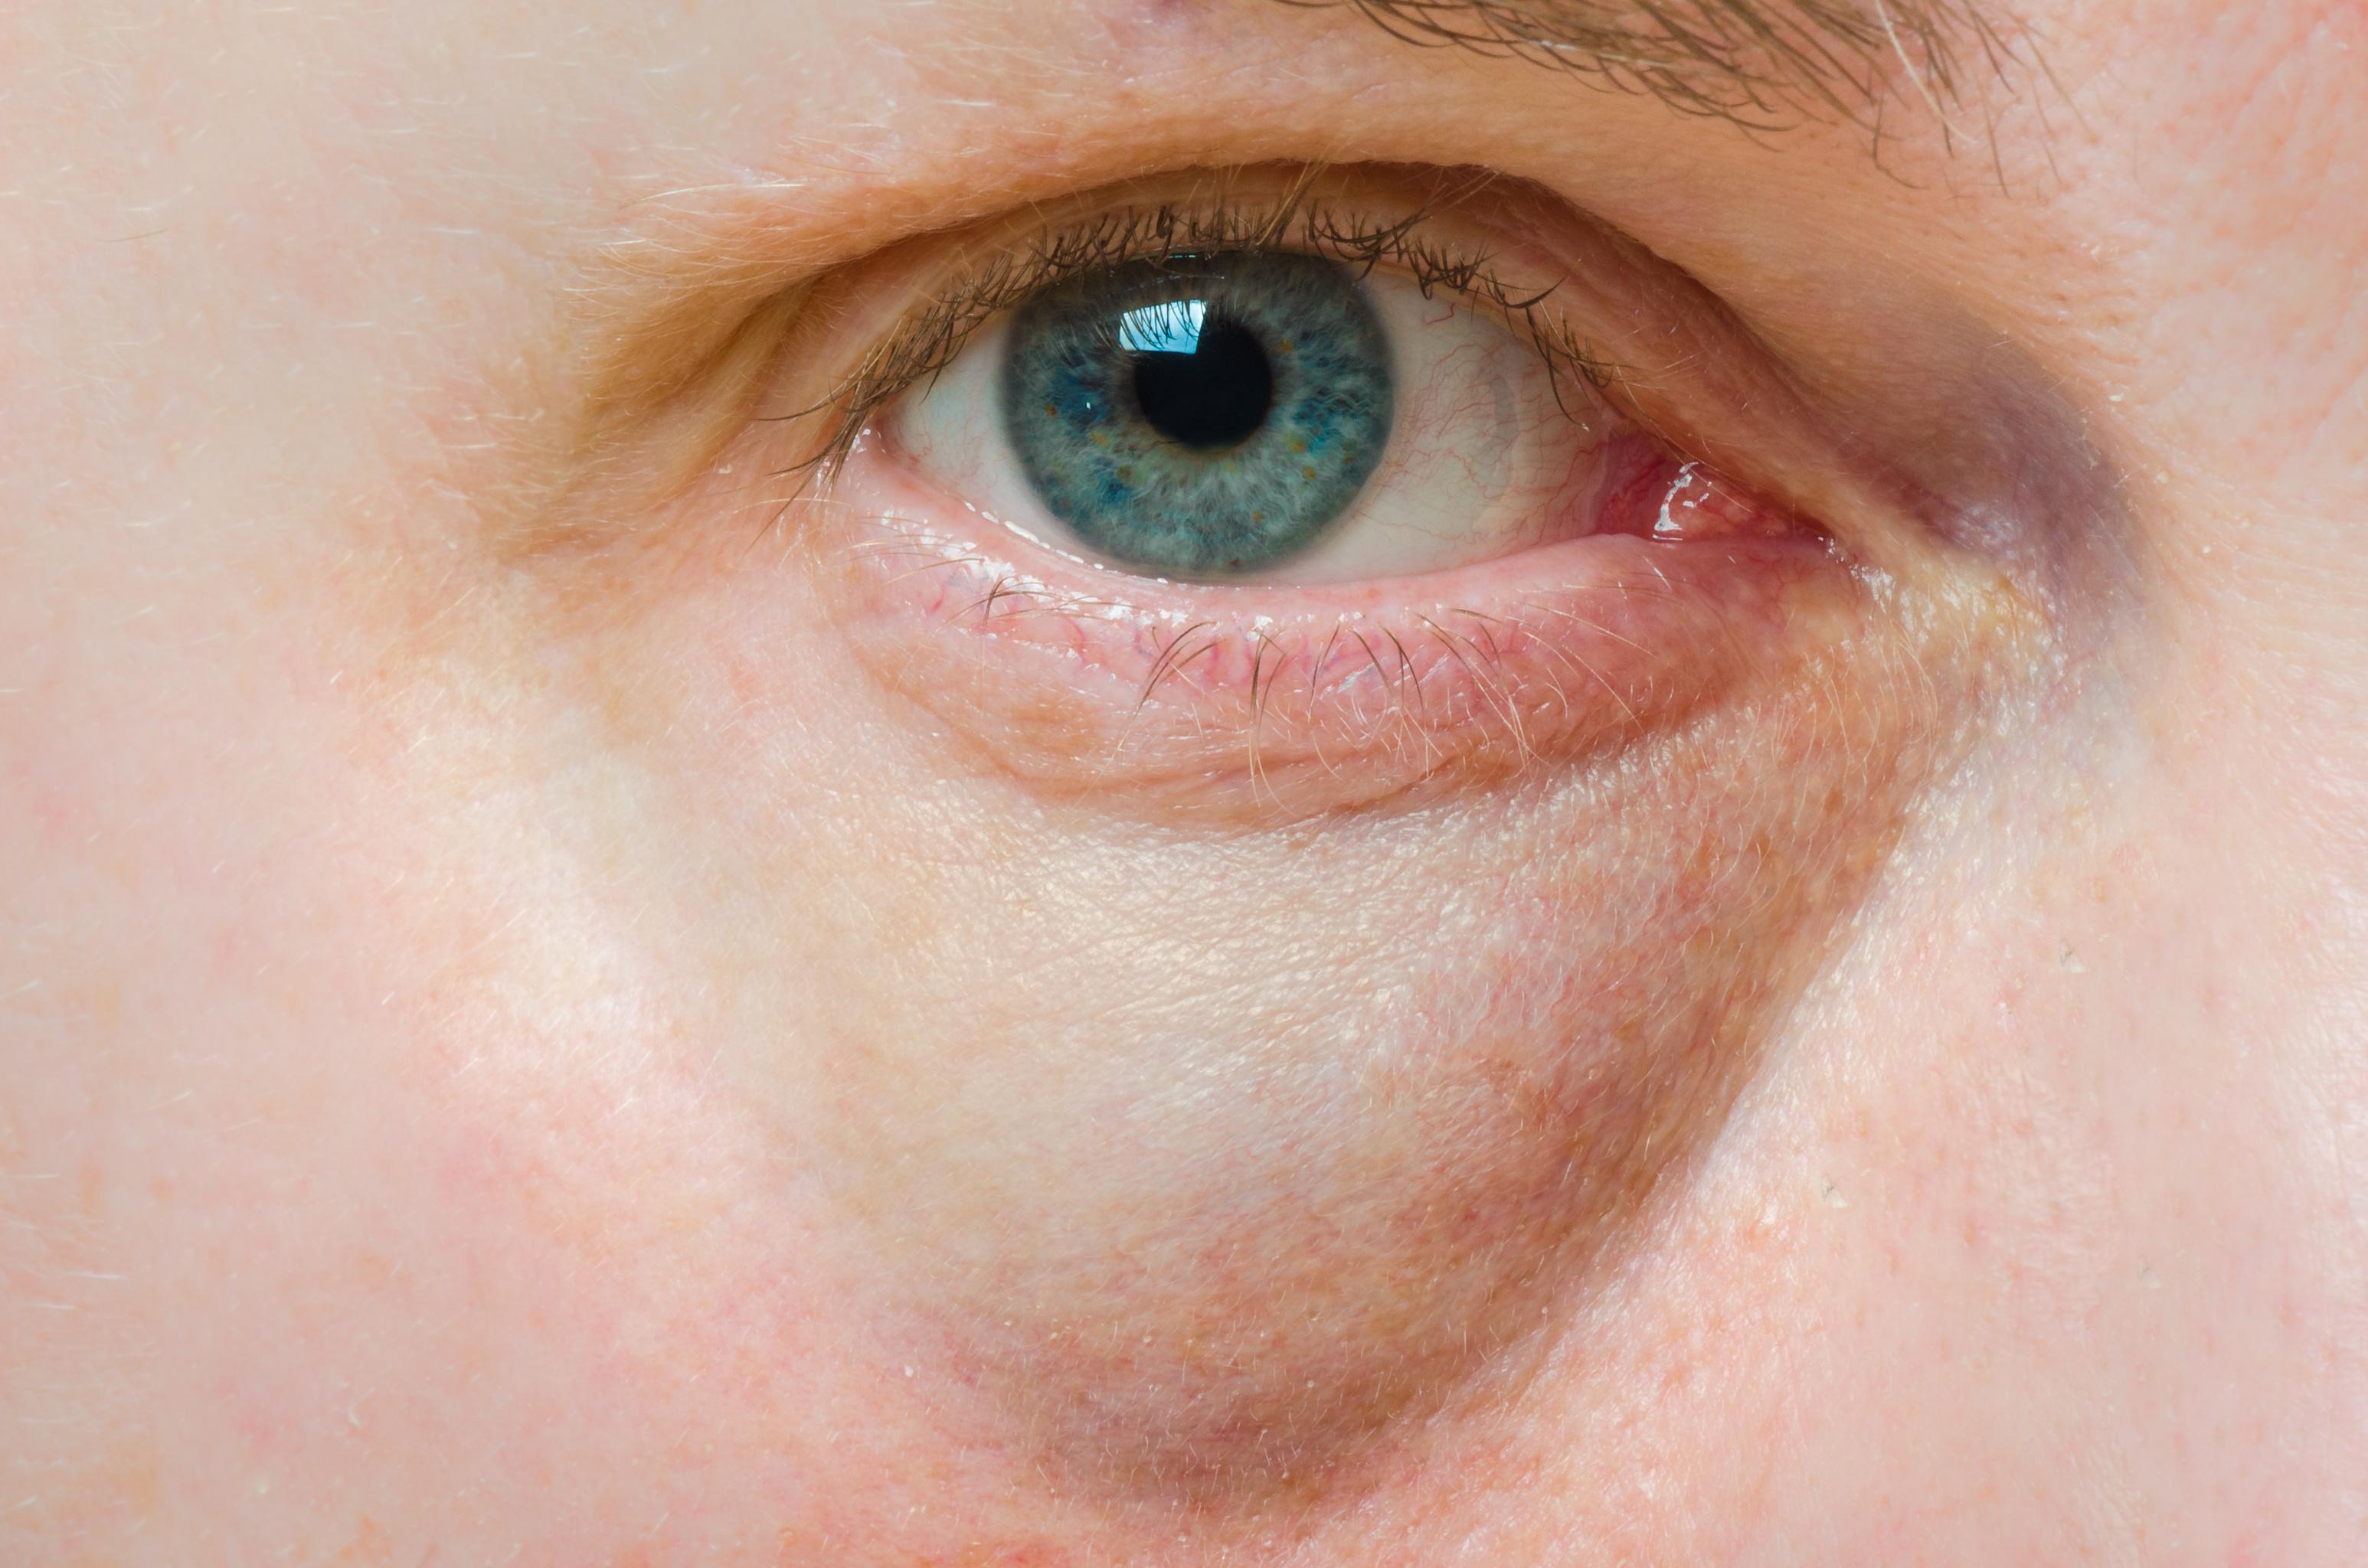 vörös folt a szem alatt hámló fotó)